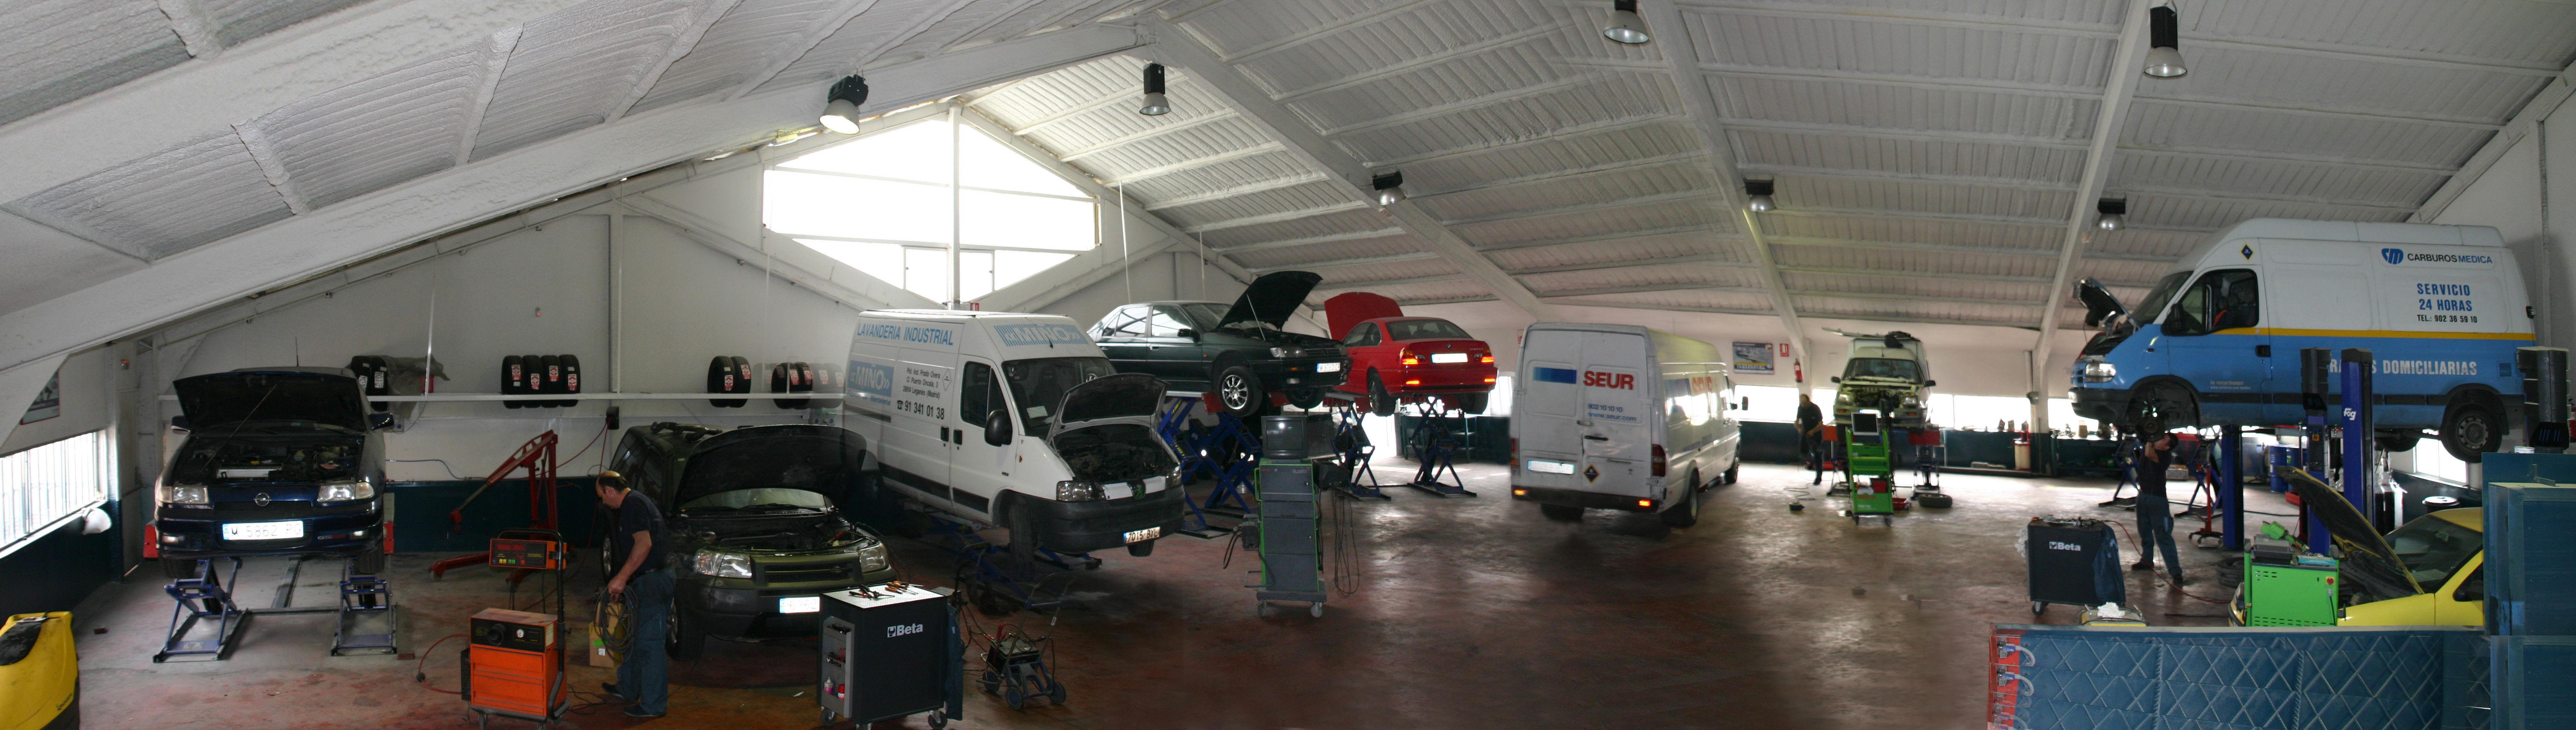 Foto 3 de Talleres de automóviles en Leganés | Diesel Prado Overa